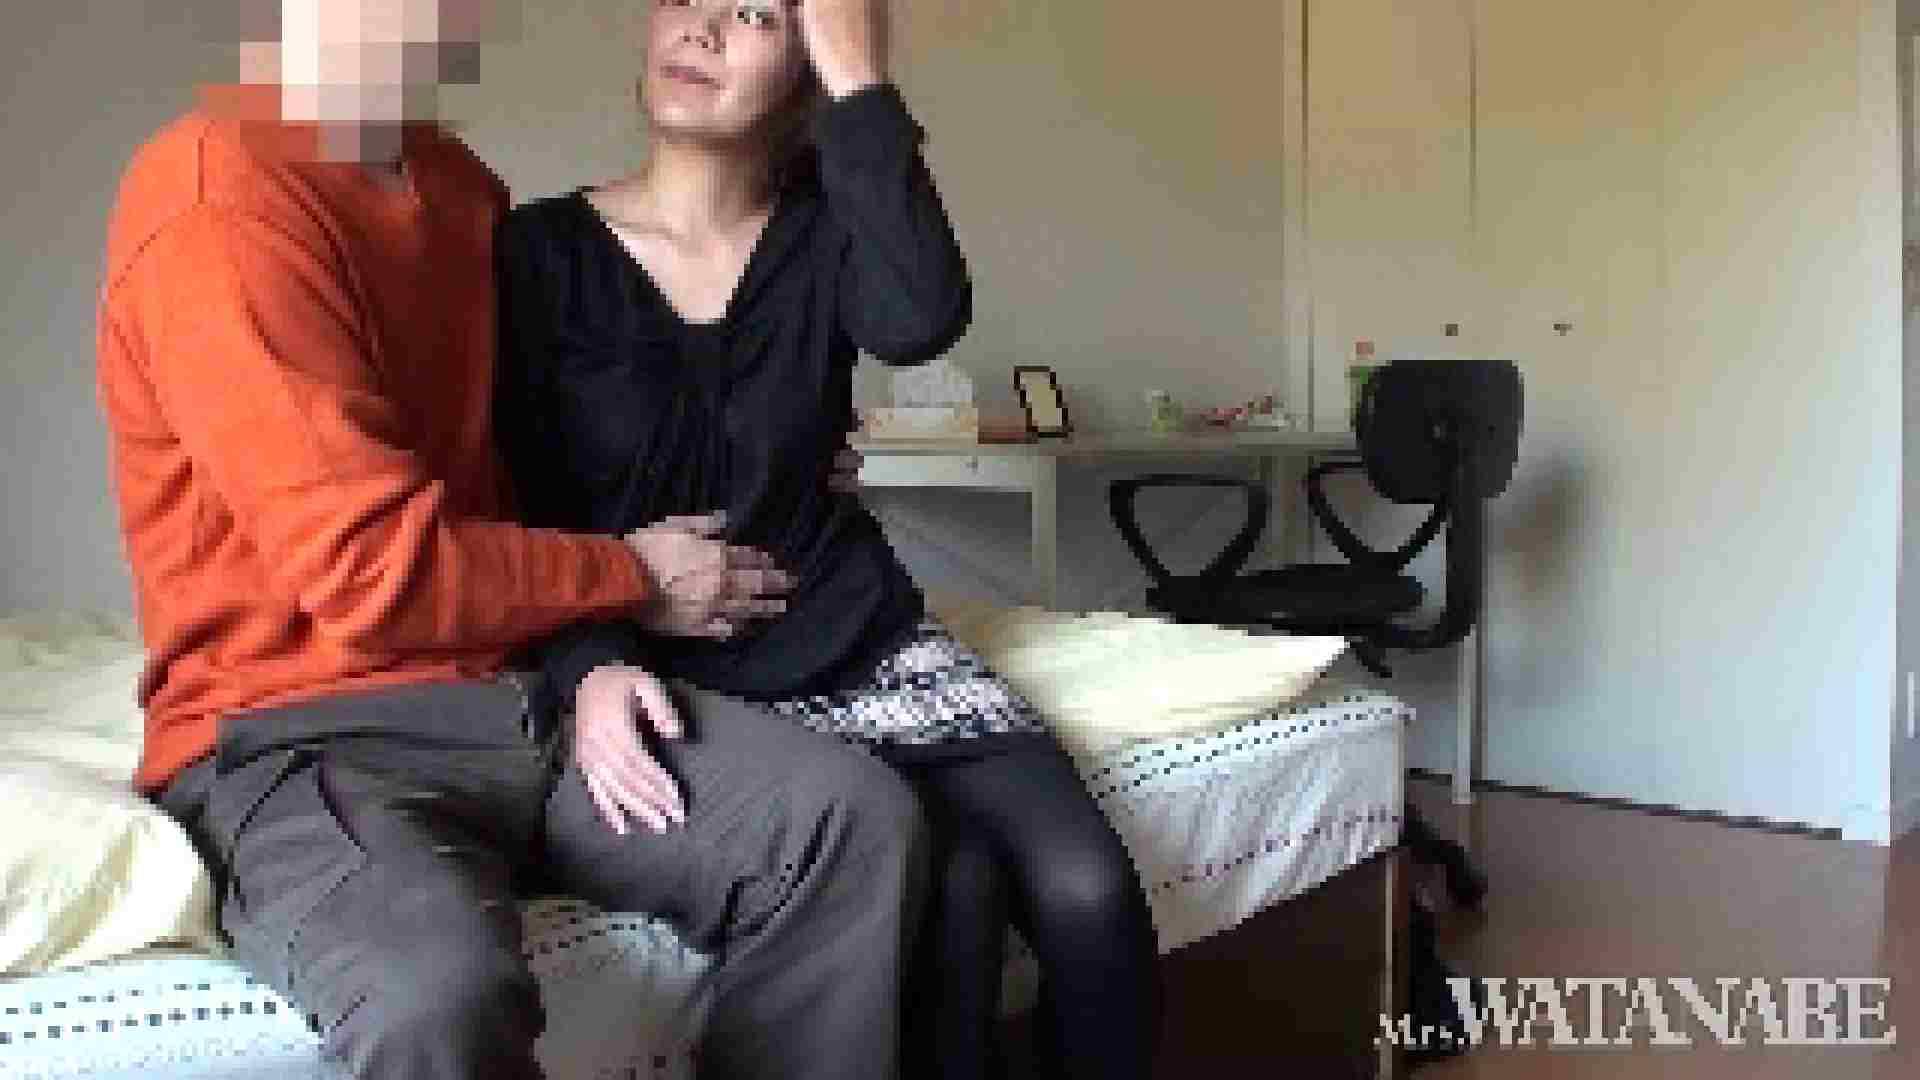 SNSで出会った人妻をハメ撮りしちゃいます 2回目 前編 投稿 | 人妻エロ映像  105pic 49